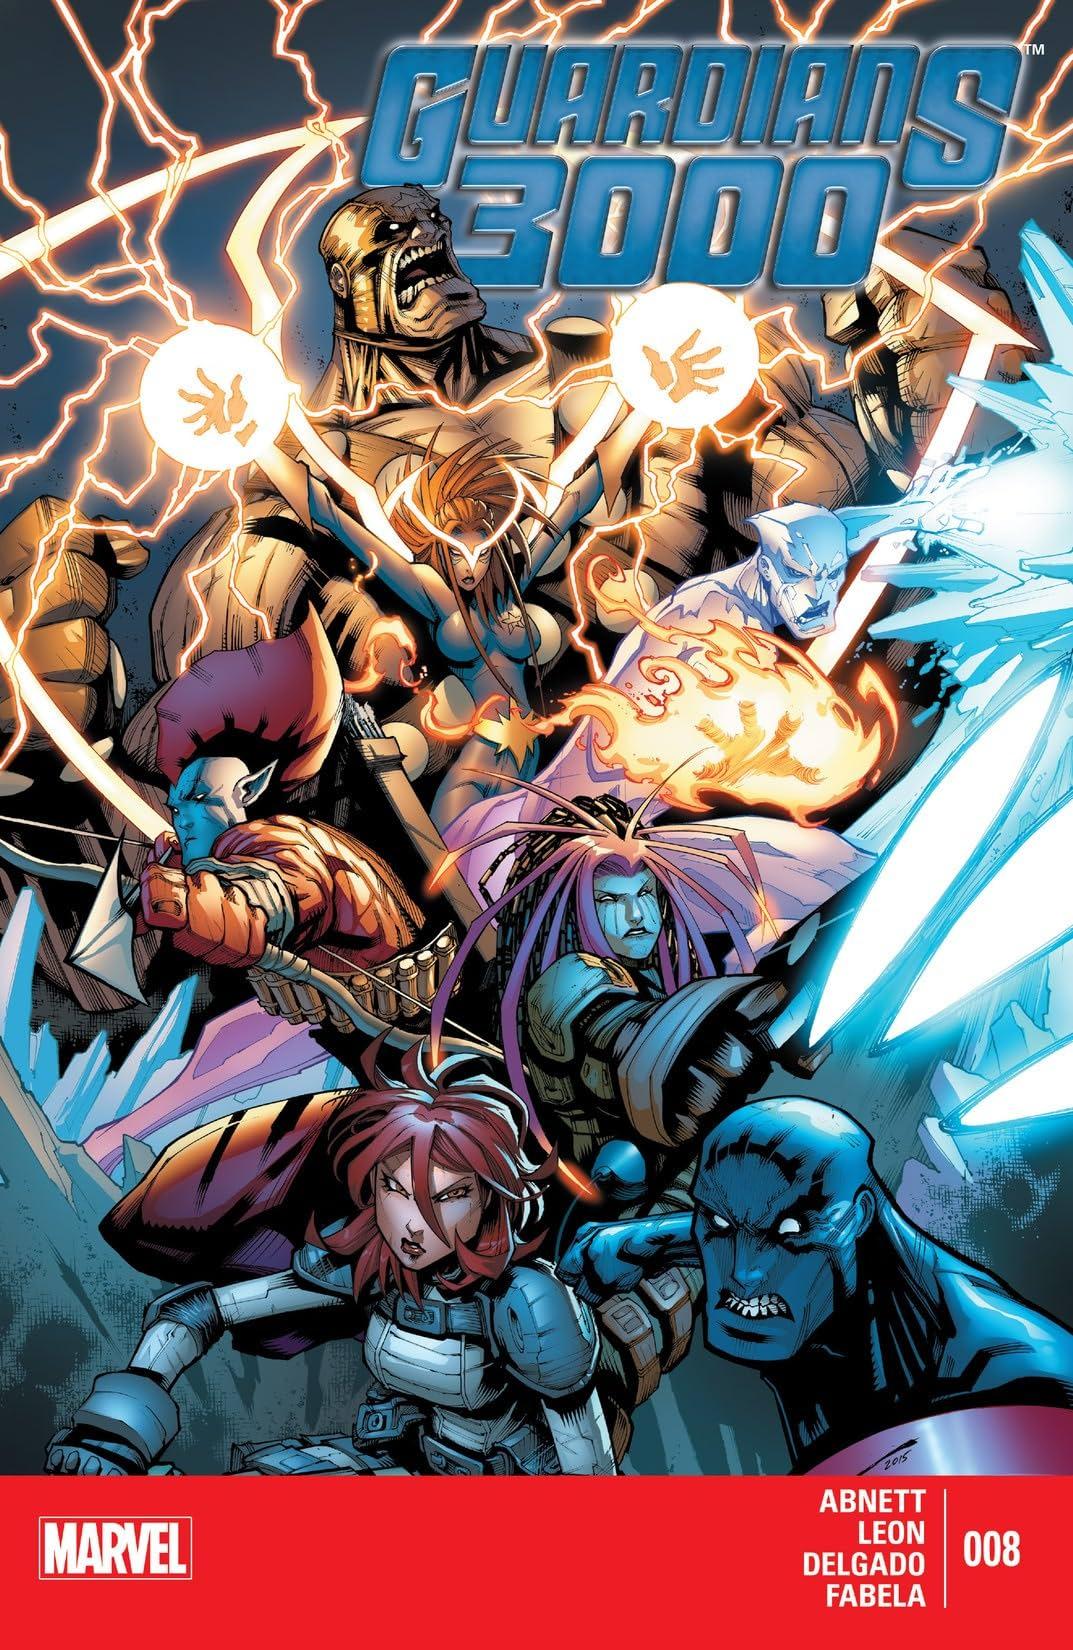 Guardians 3000 #8